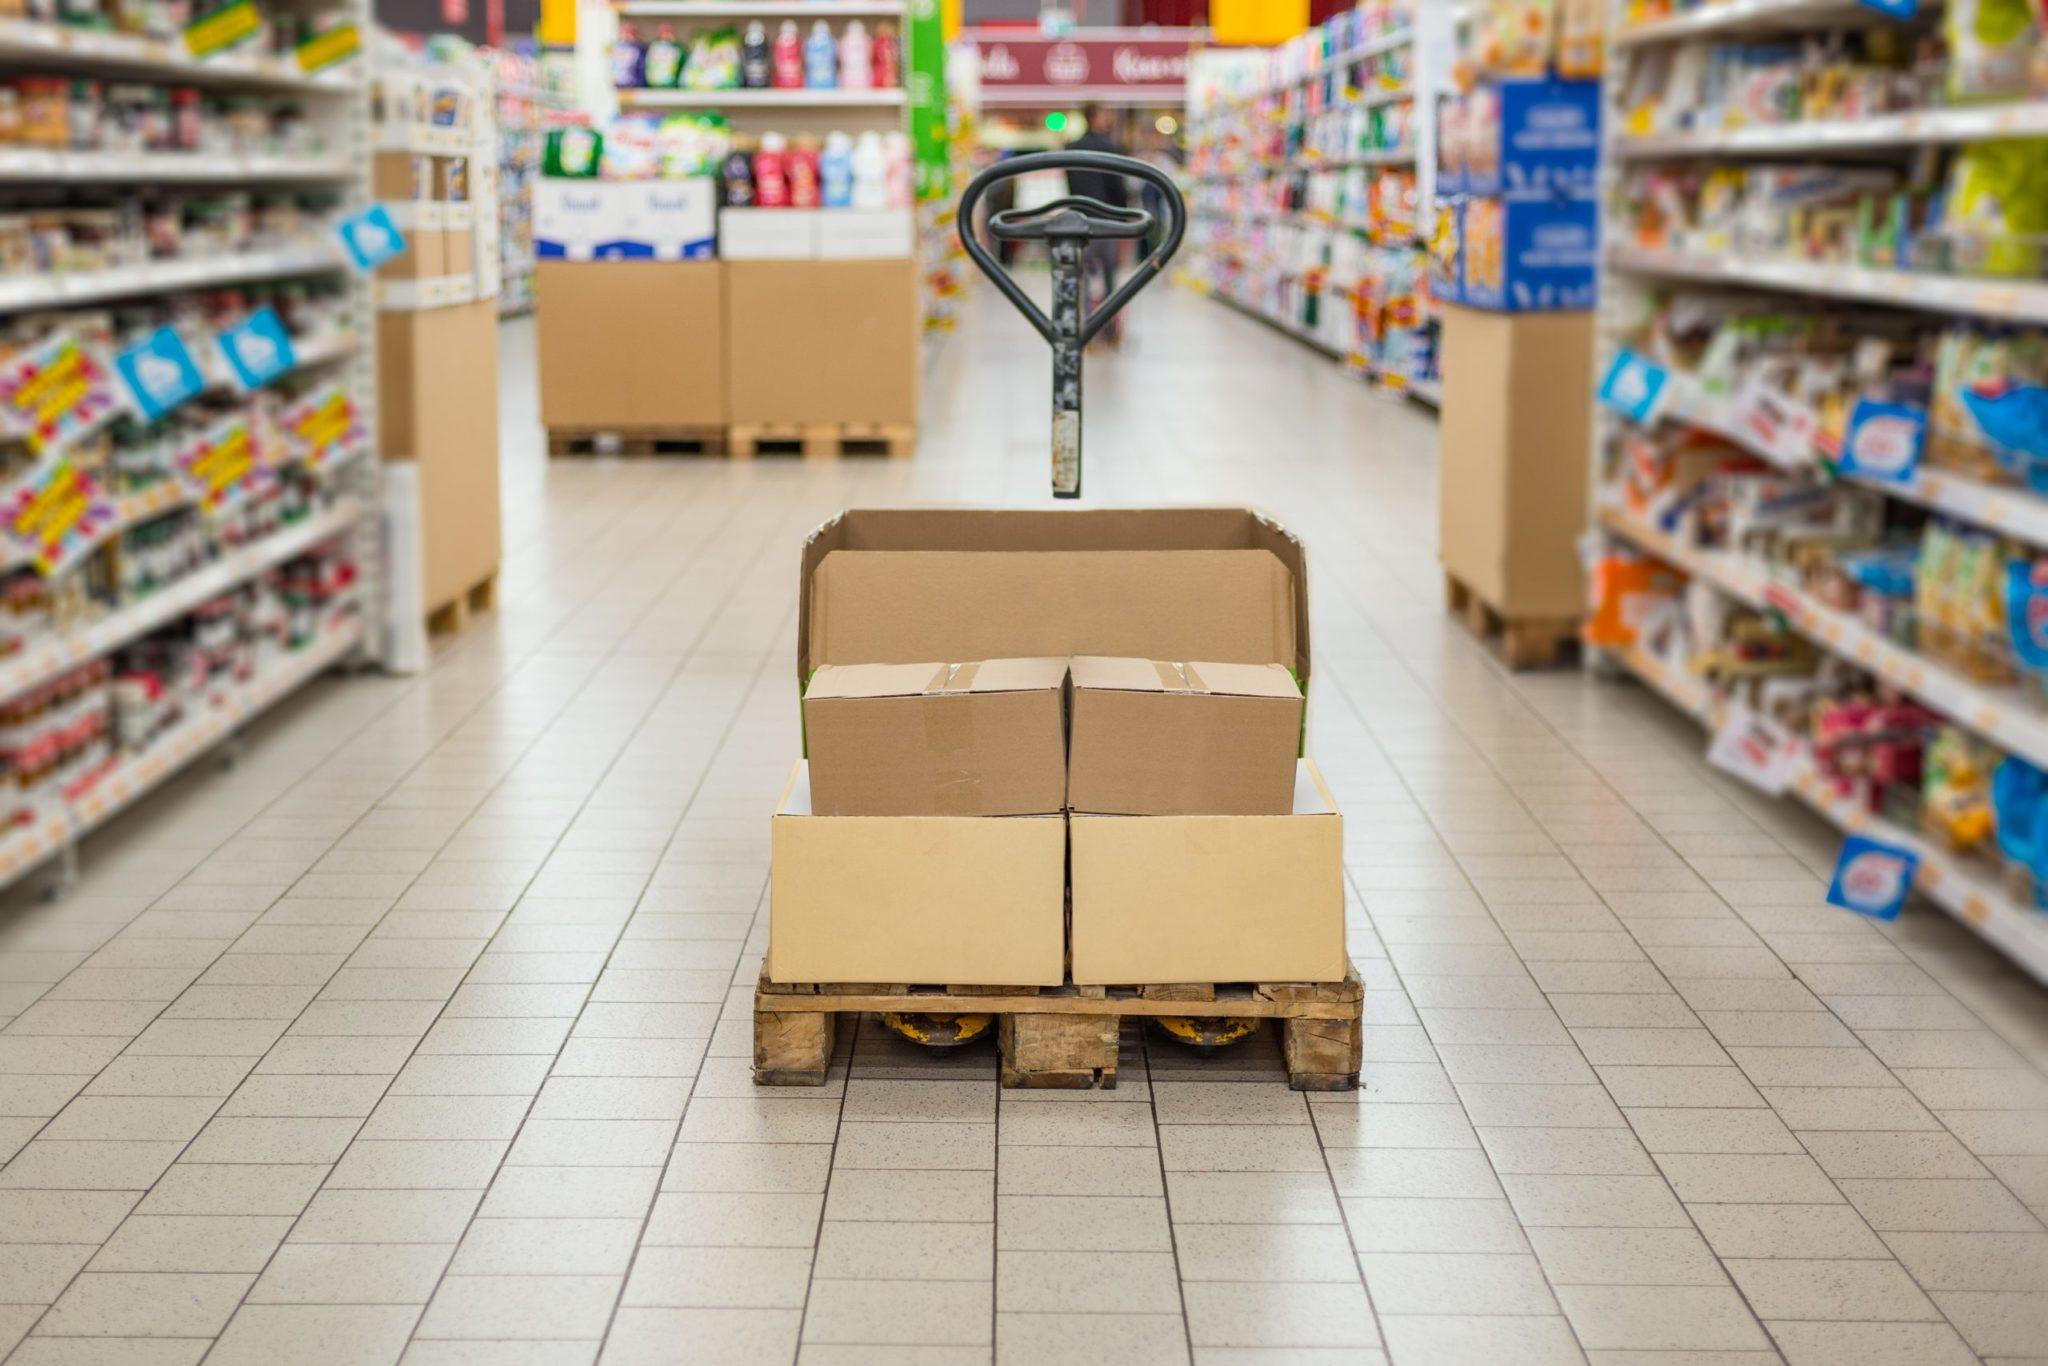 Commerces & distribution